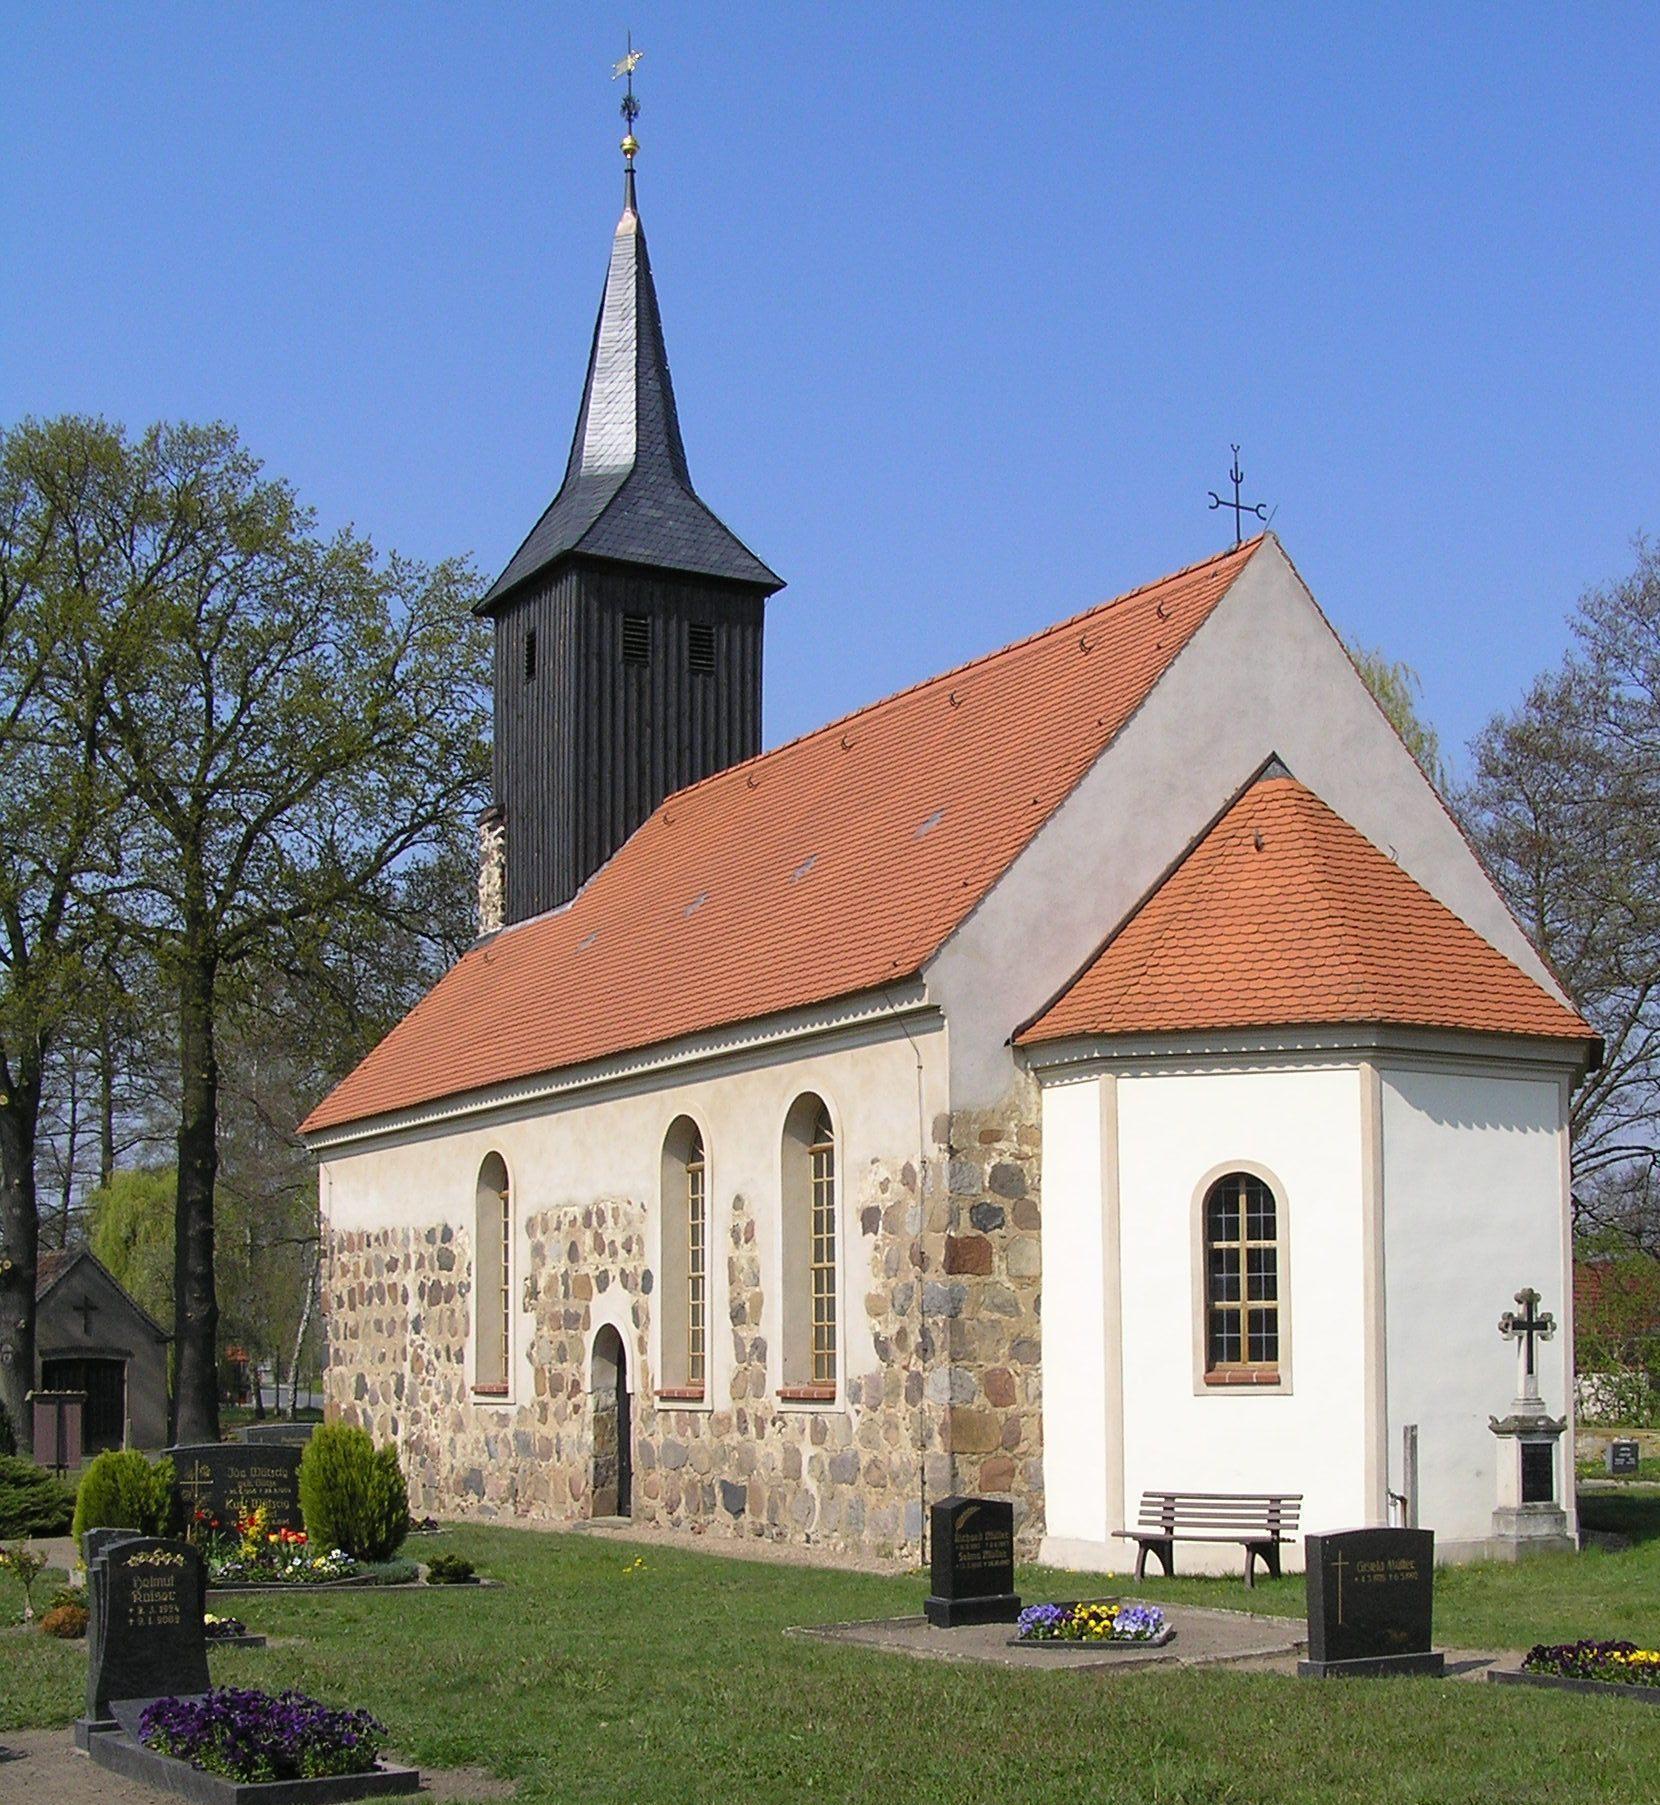 Zöllmersdorf